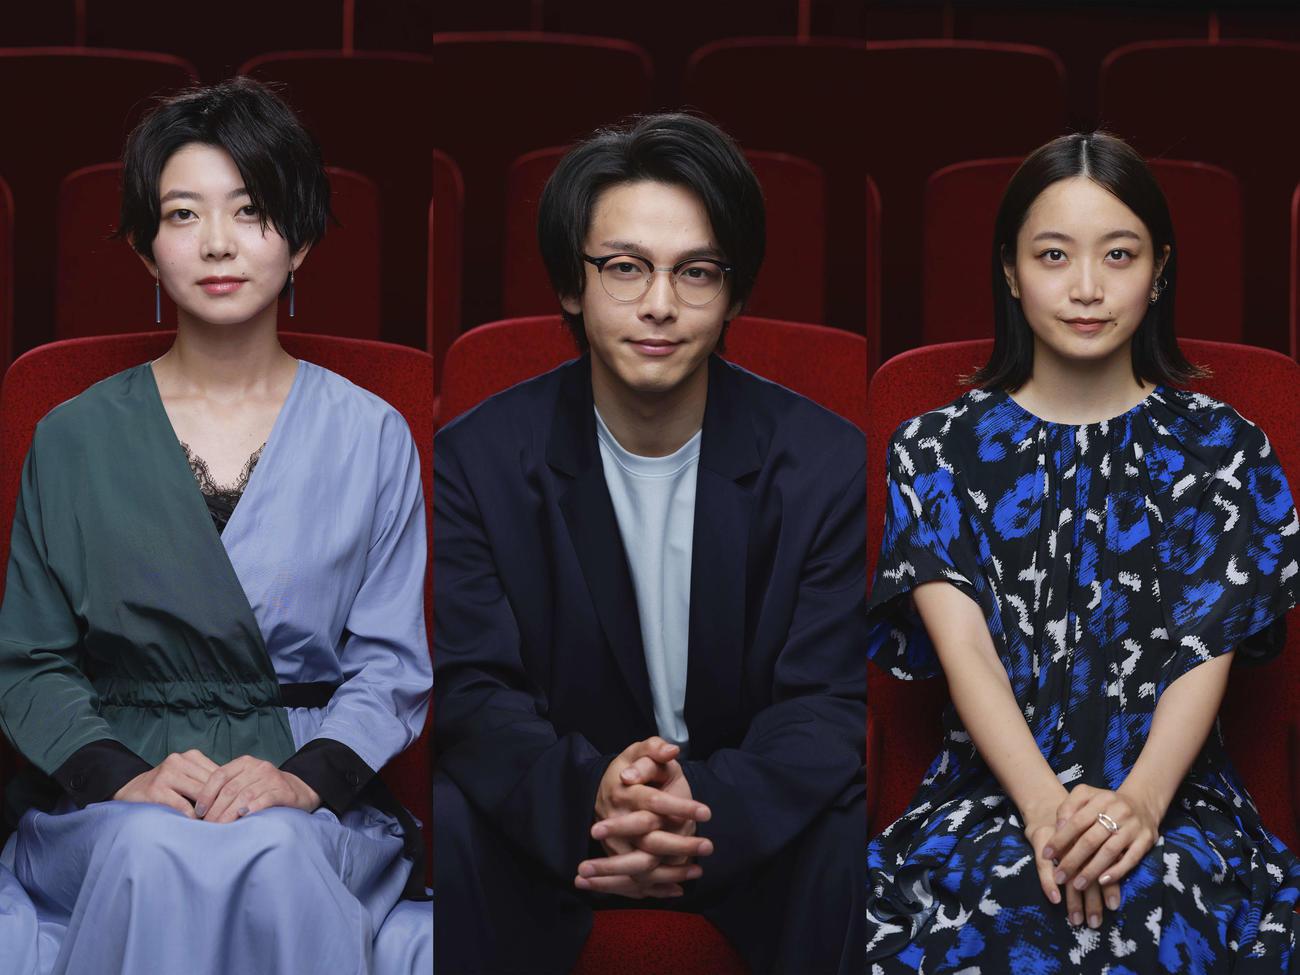 映画「水曜日が消えた」の舞台あいさつに出席した、左から石橋菜津美、中村倫也、深川麻衣(c)2020「水曜日が消えた」製作委員会